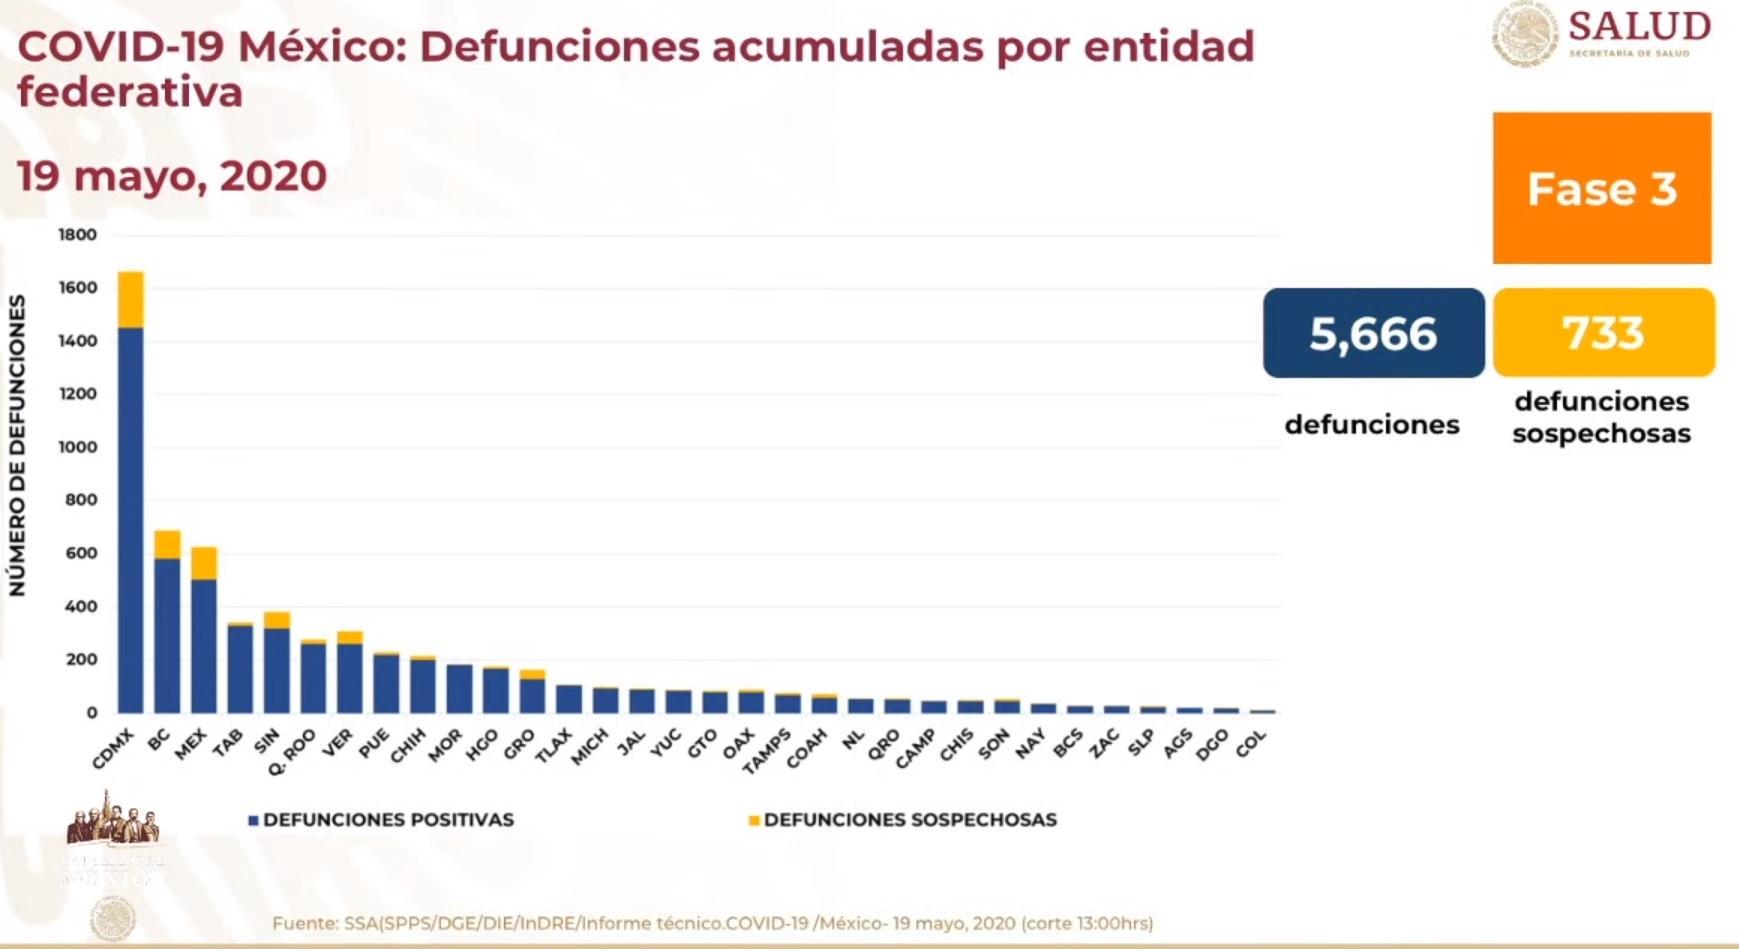 Gráfico defunciones por entidad